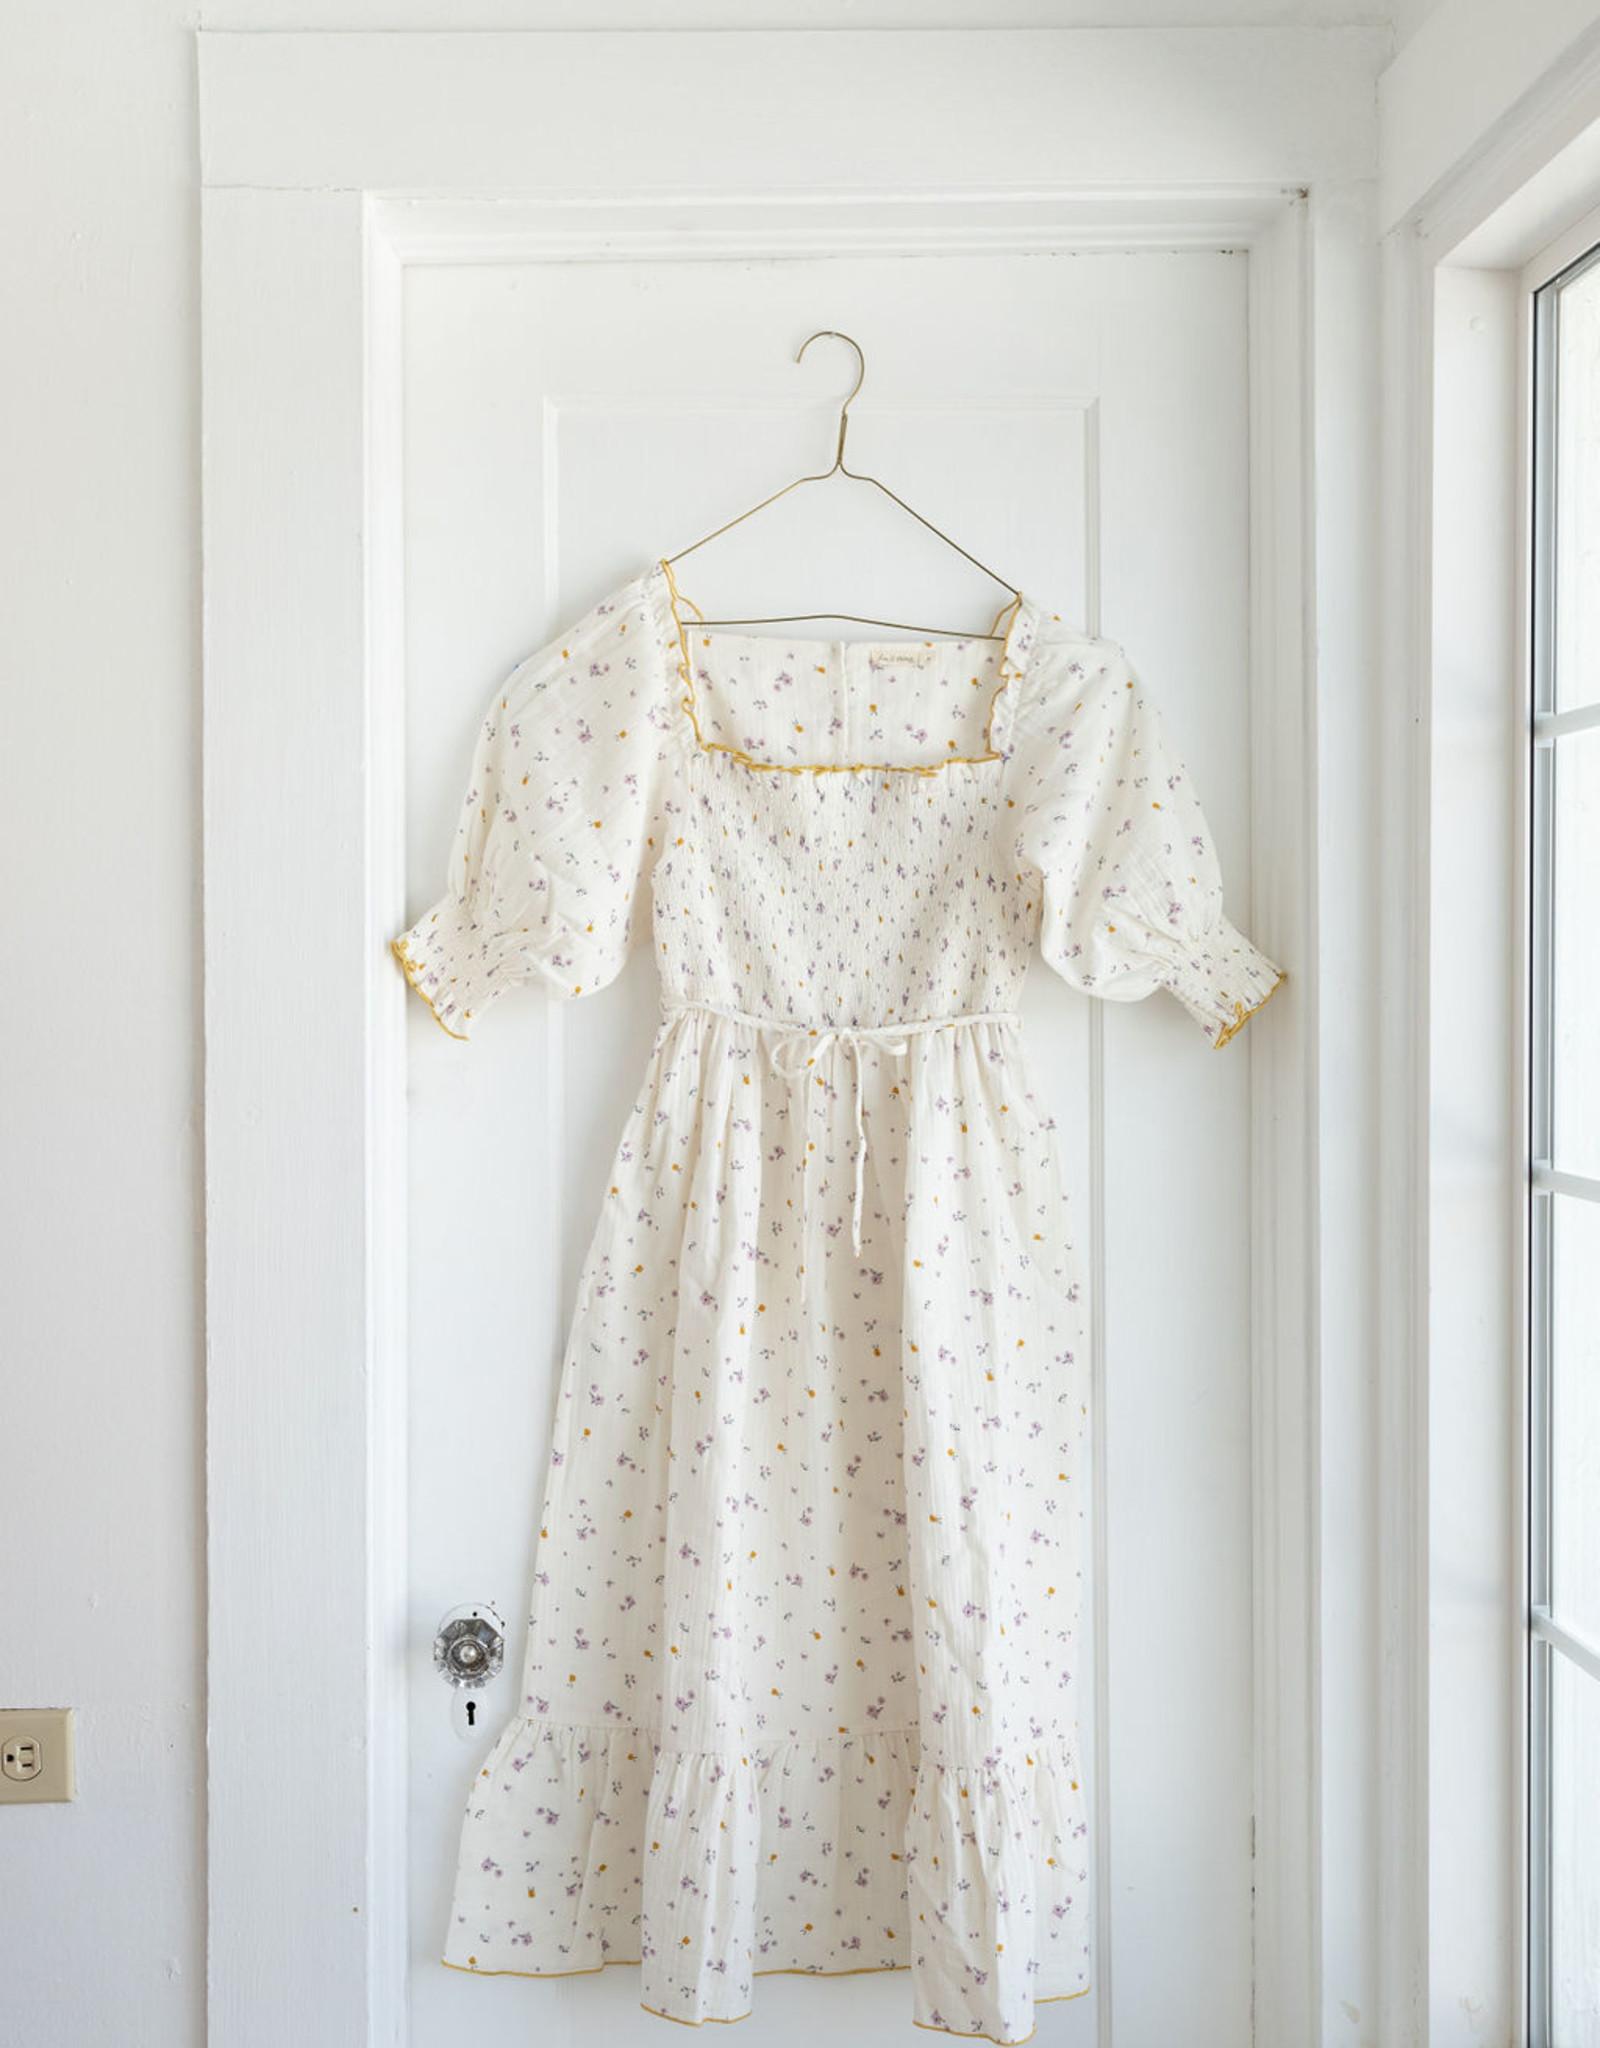 Fin & Vince Women's Smocked Dress, Lilac fields